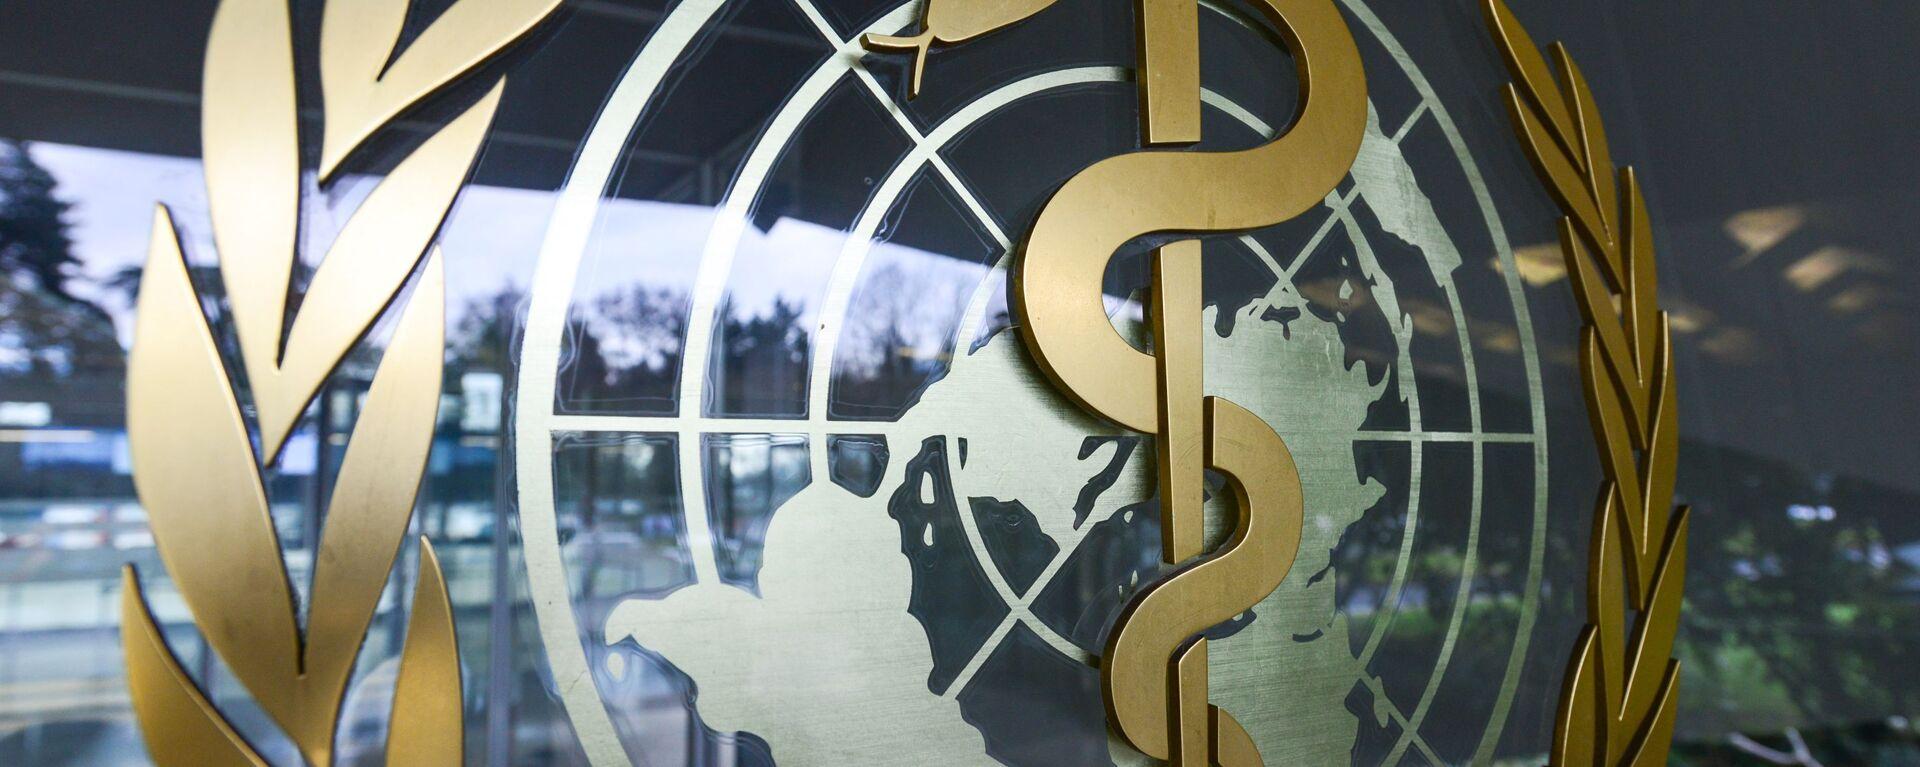 Эмблема Всемирной организации здравоохранения - Sputnik Тоҷикистон, 1920, 10.10.2021